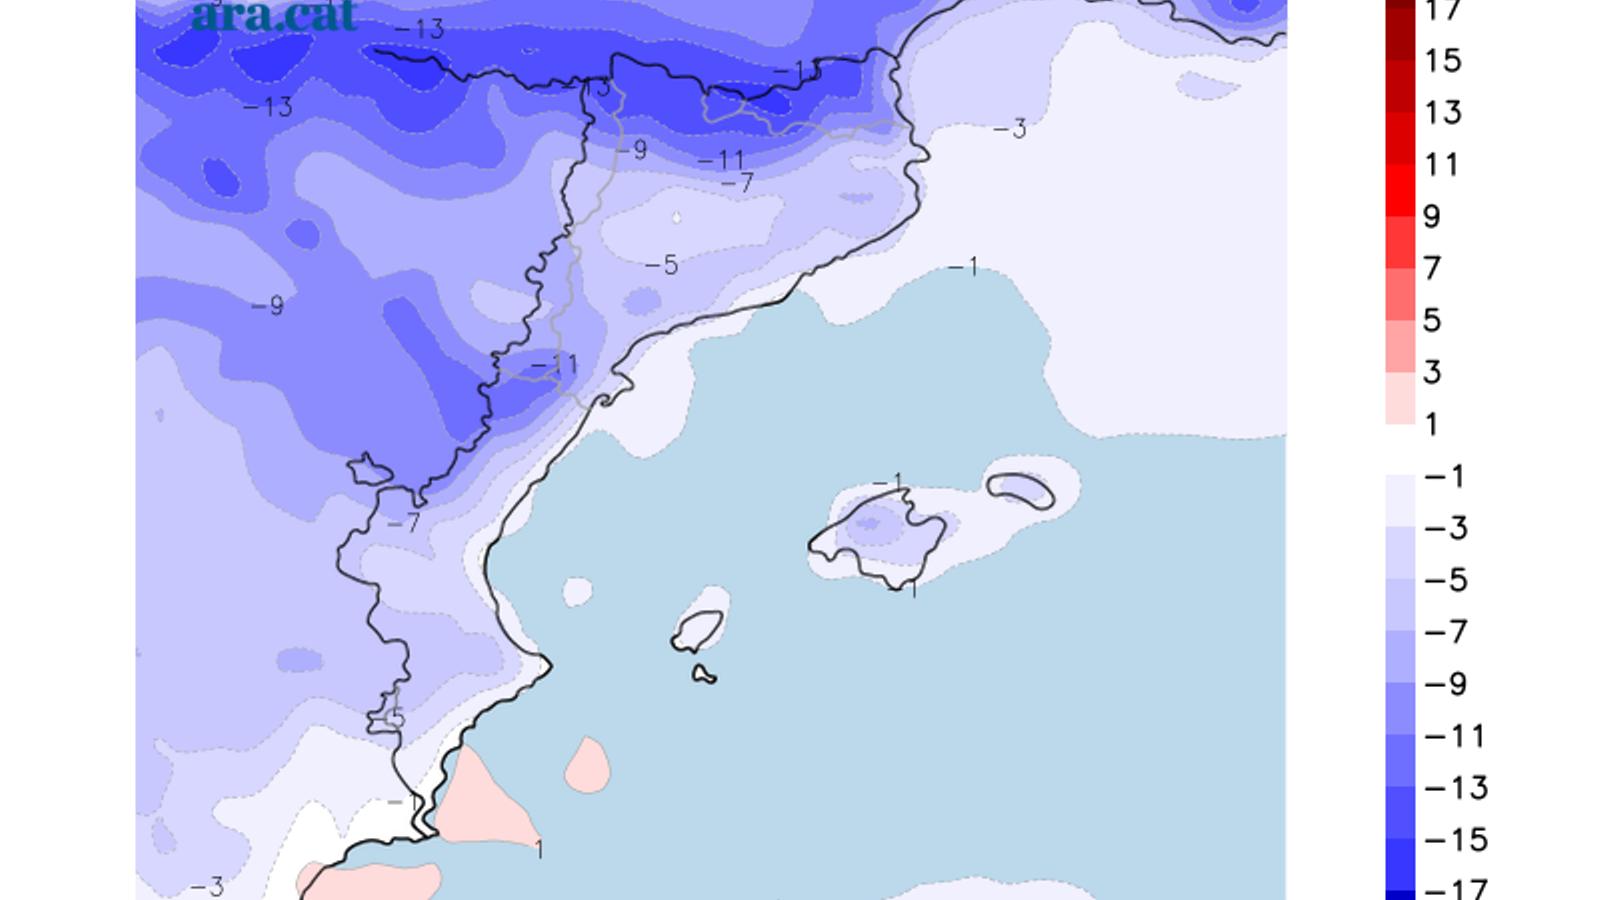 Diferència prevista entre la temperatura màxima d'avui i la de dimecres